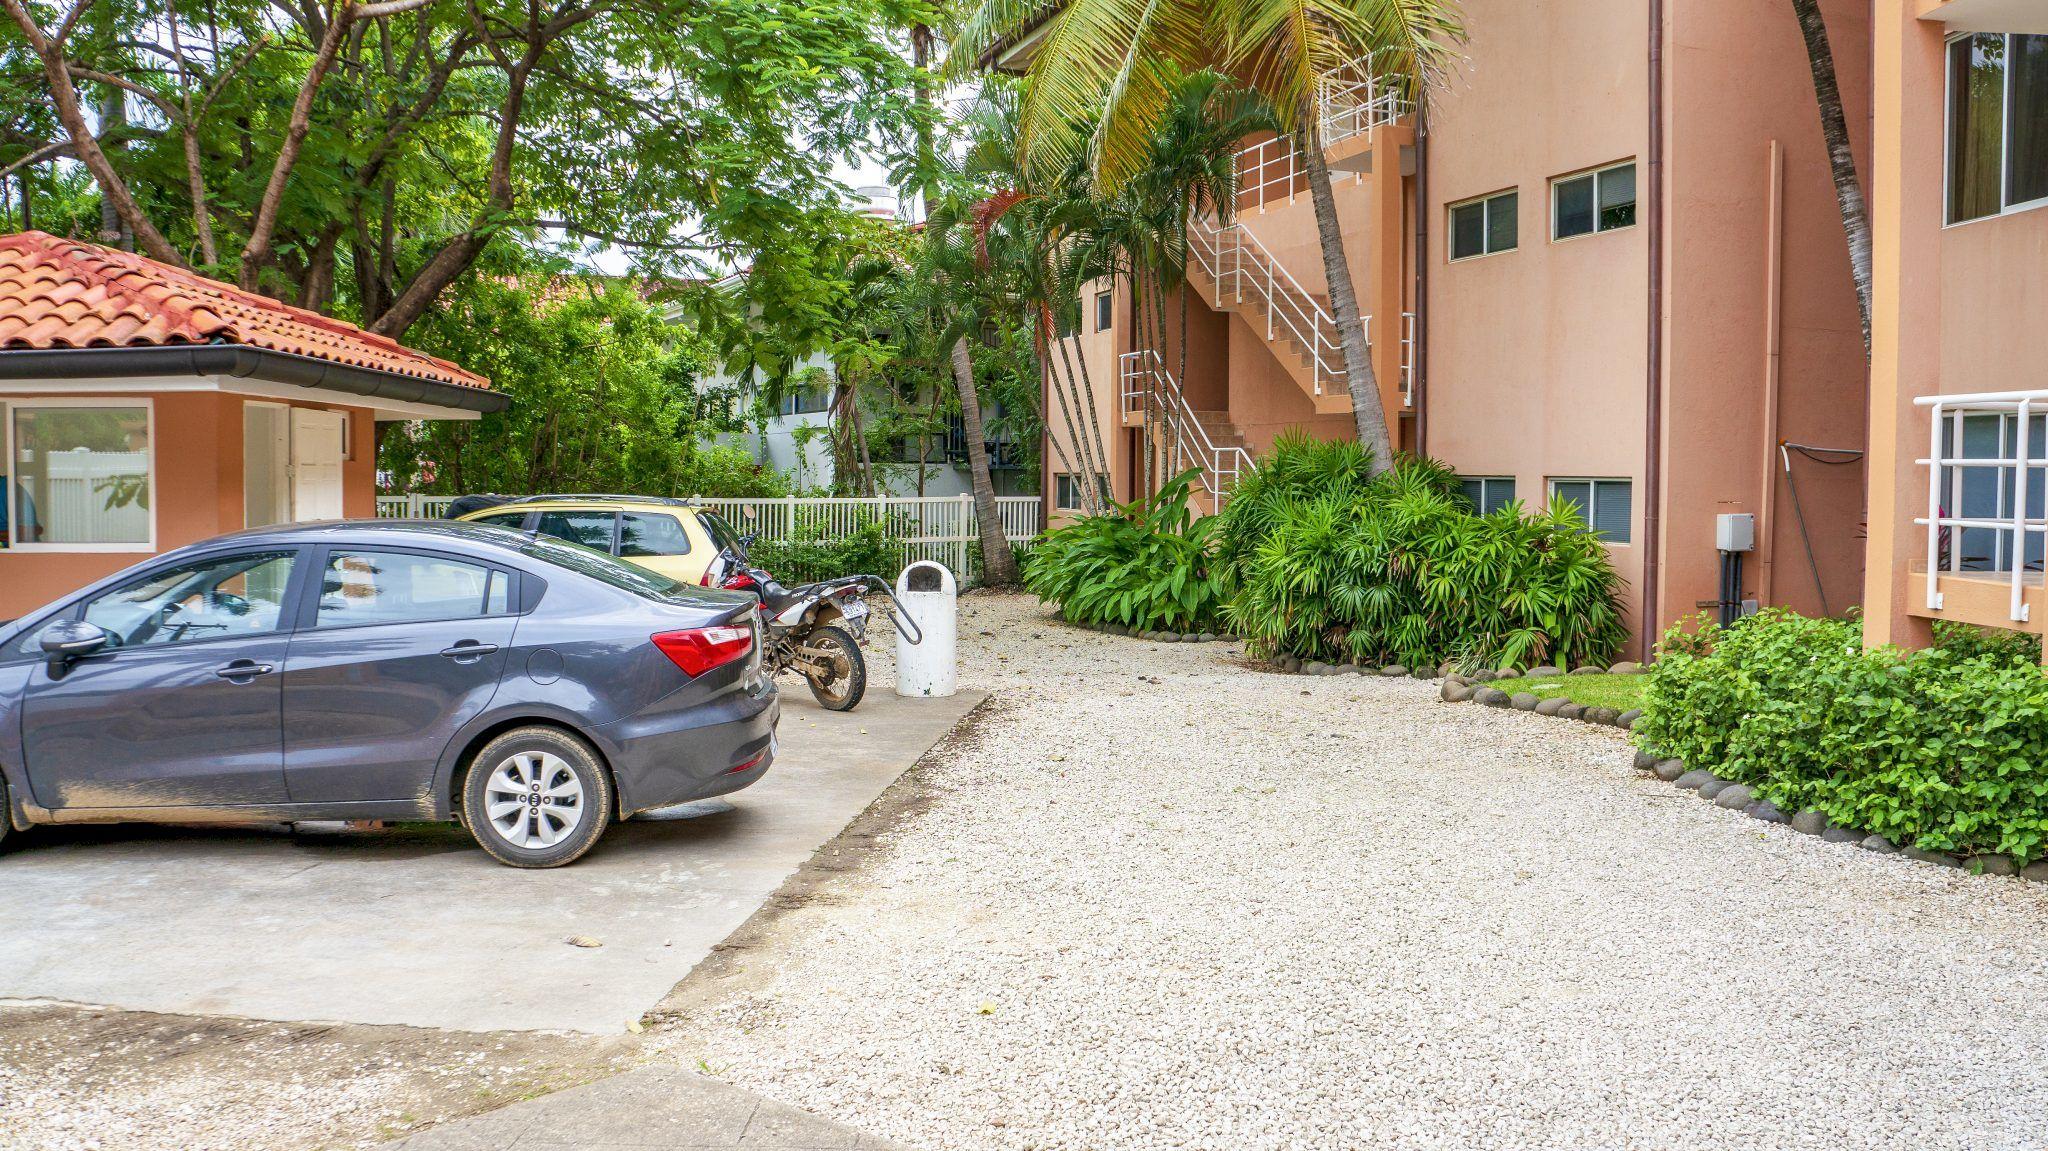 BL Common - Parking